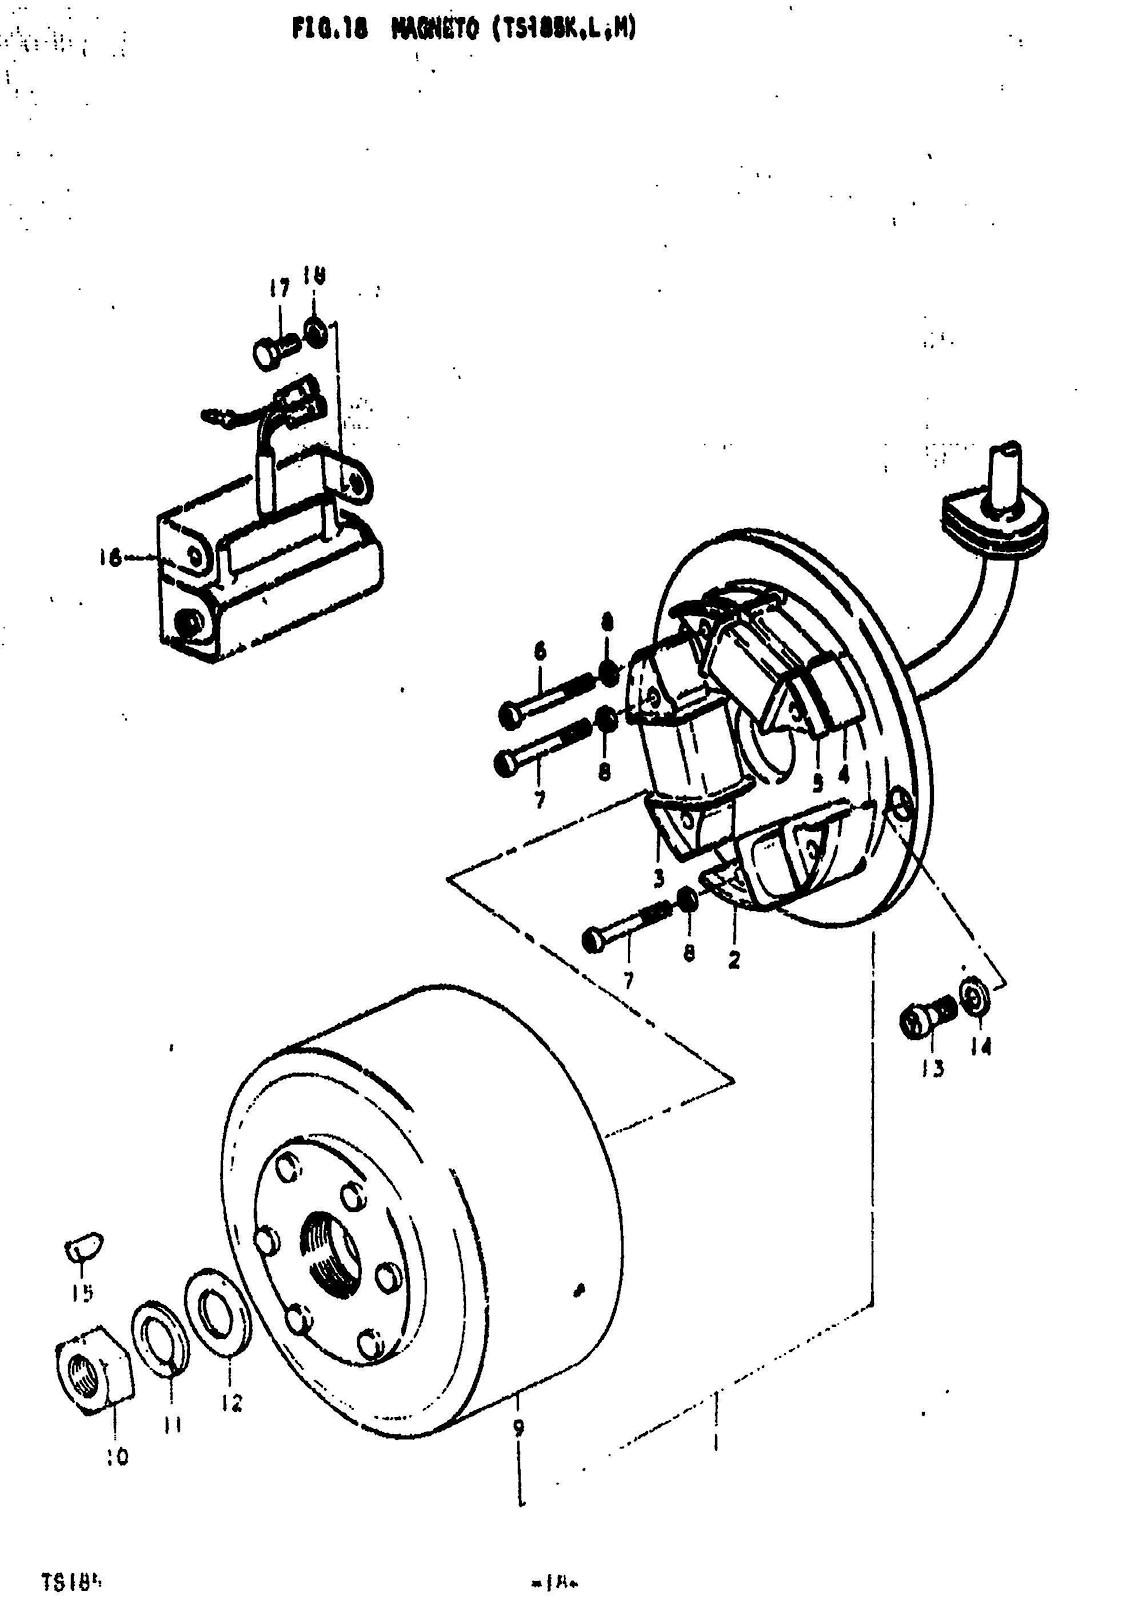 73 ts185k suzuki electrical info tech help race shop suzuki motorcycle wiring diagram suzuki motorcycle 6 volt wiring diagram